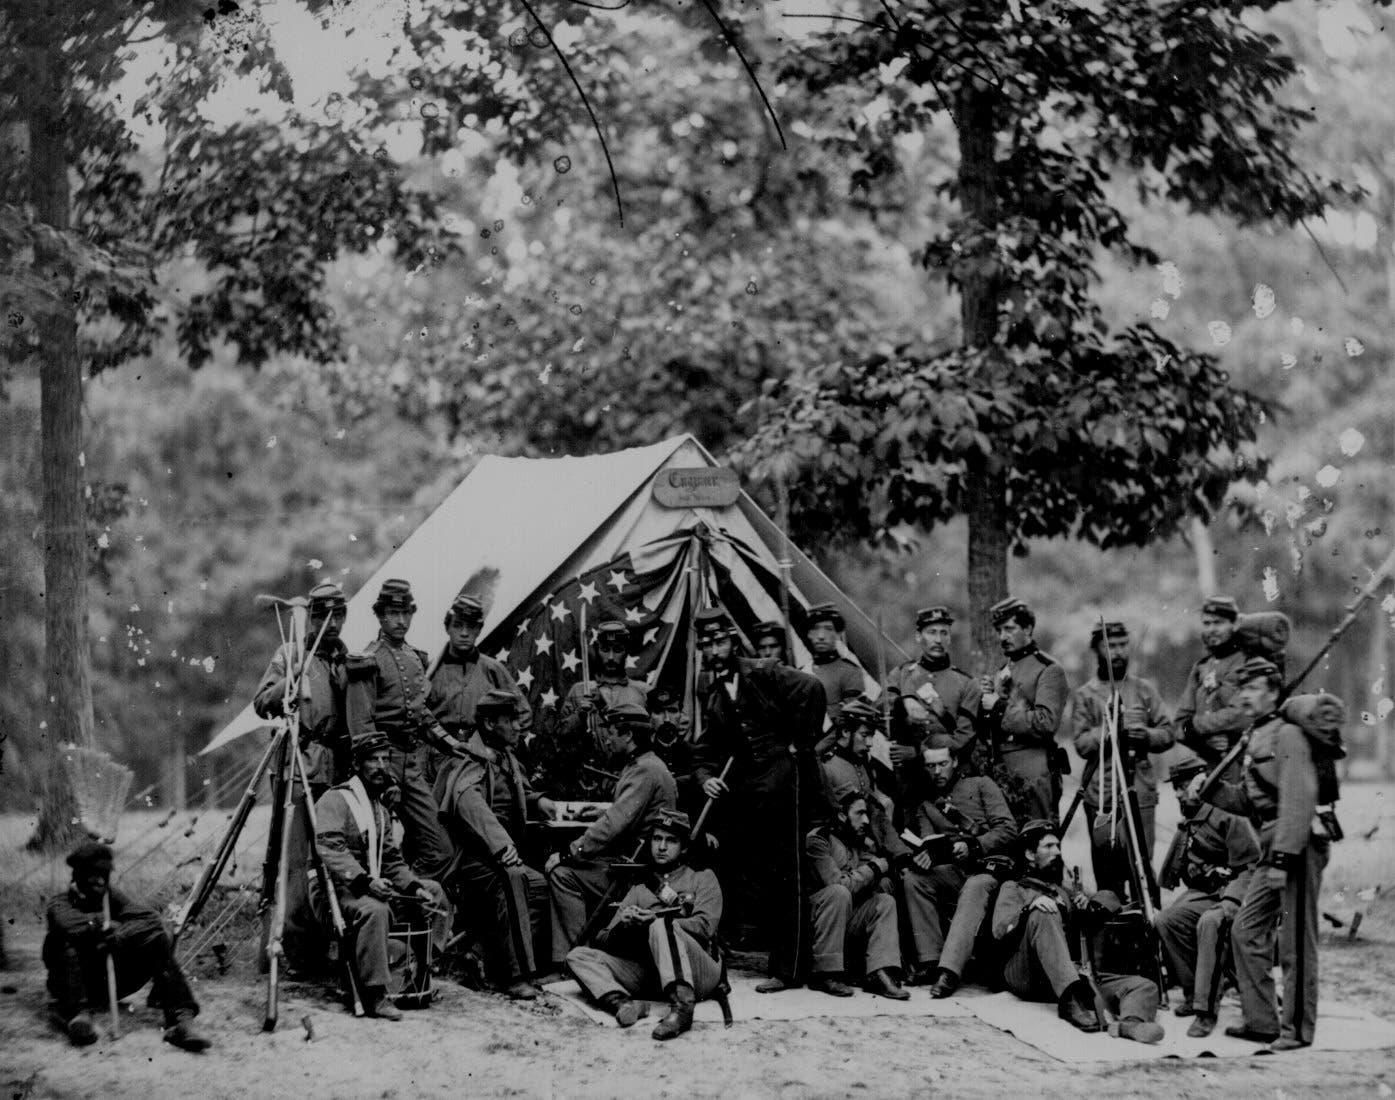 عدد من جنود الاتحاد أمام إحدى الخيم